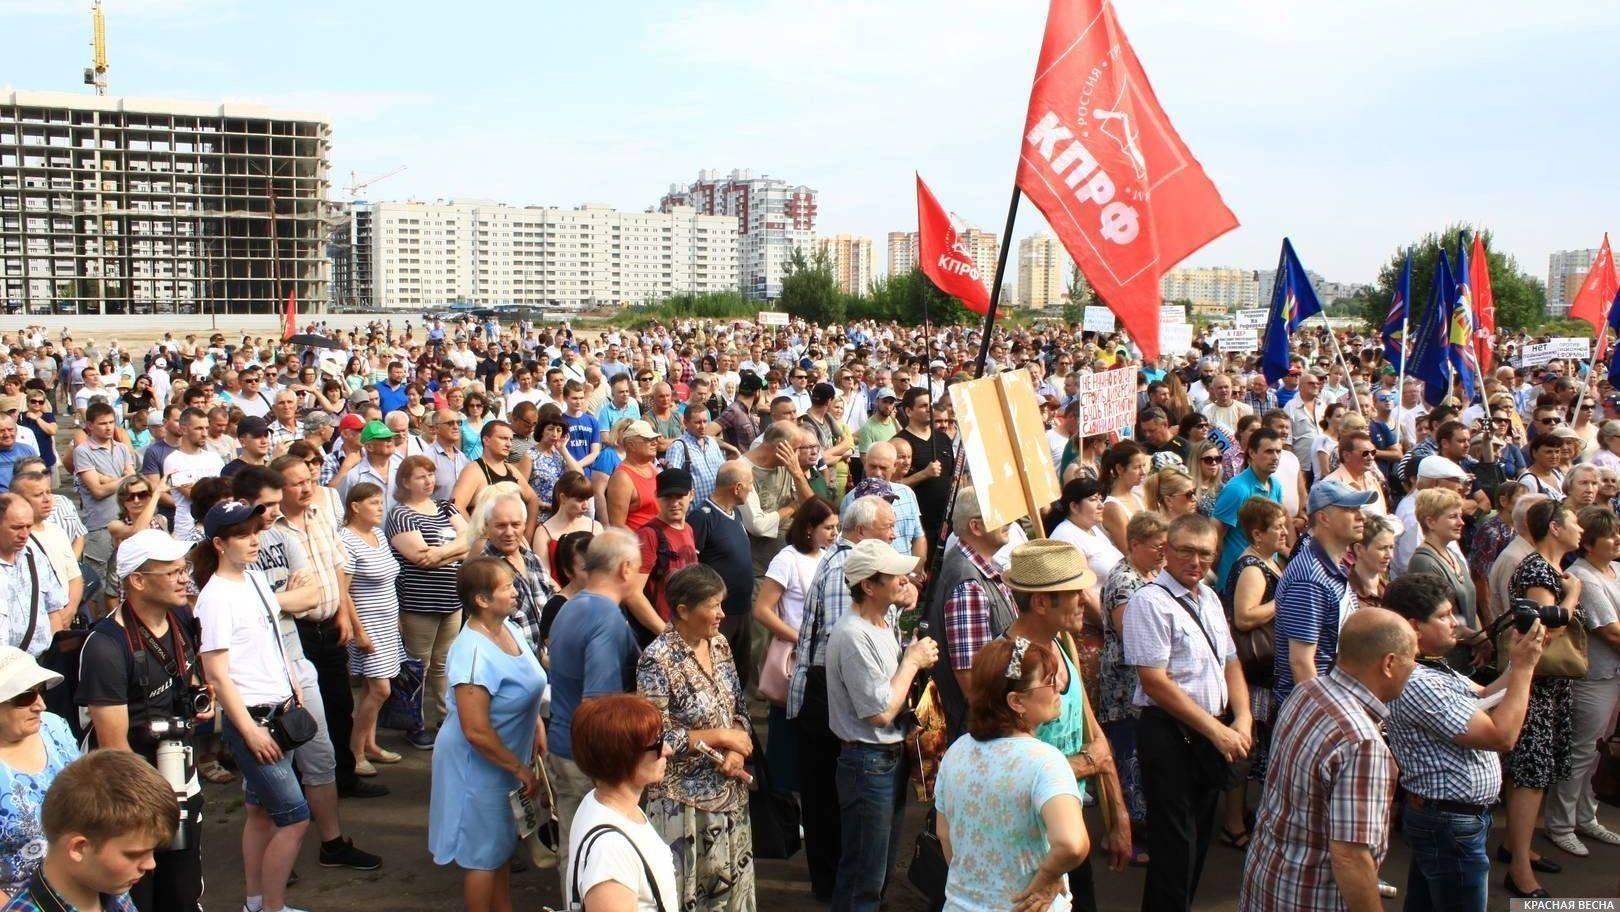 Начало митинга против пенсионной реформы 28 июля 2018 г. в Брянске